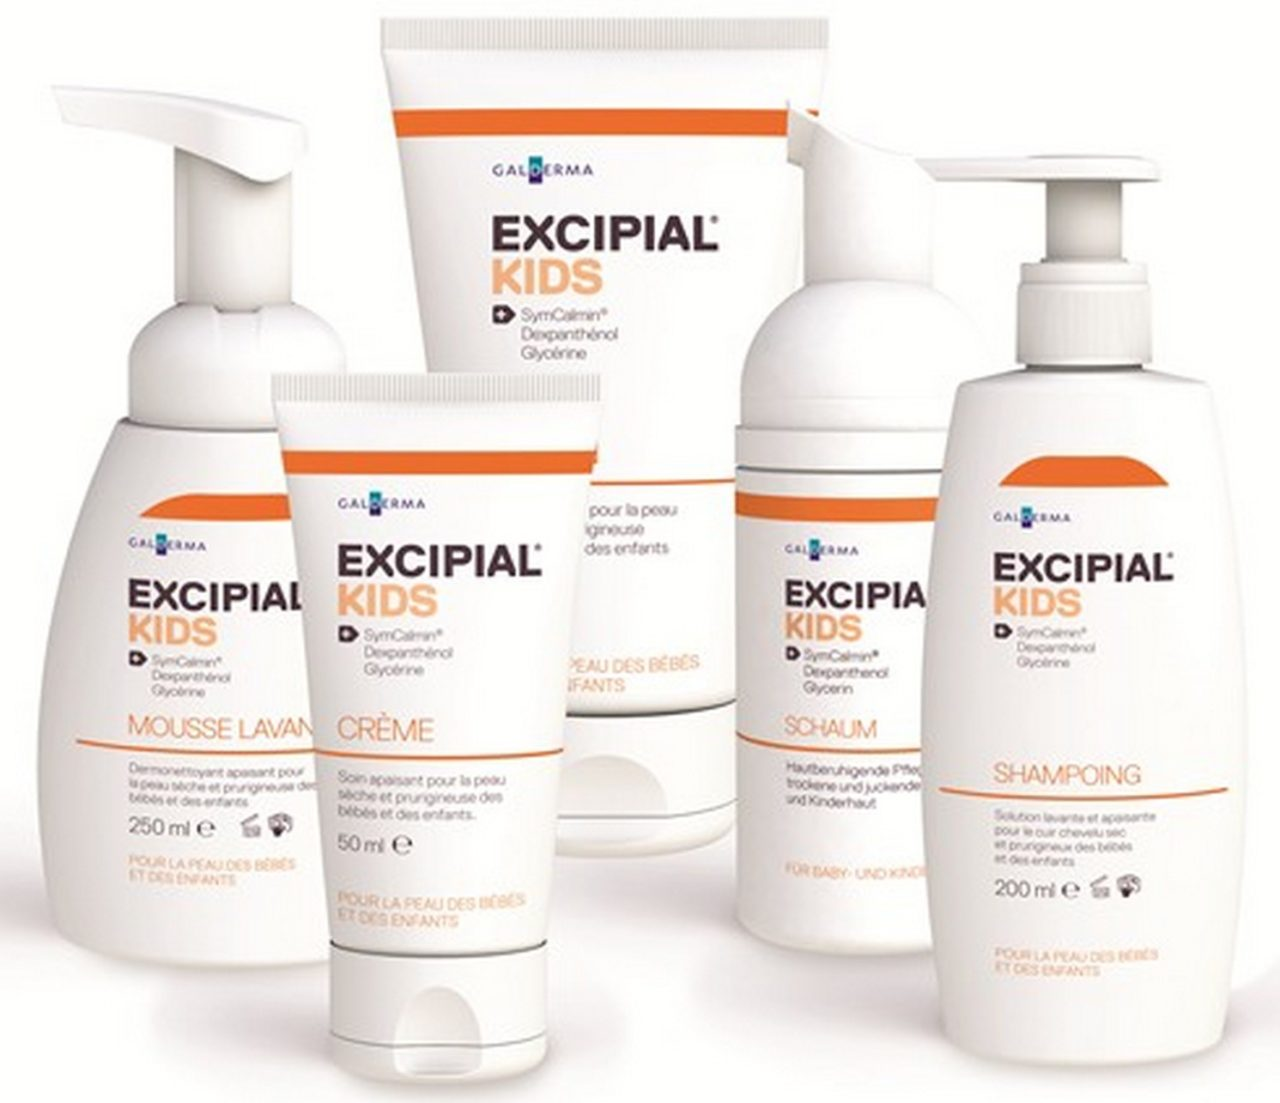 Excipial_Kids_NEW